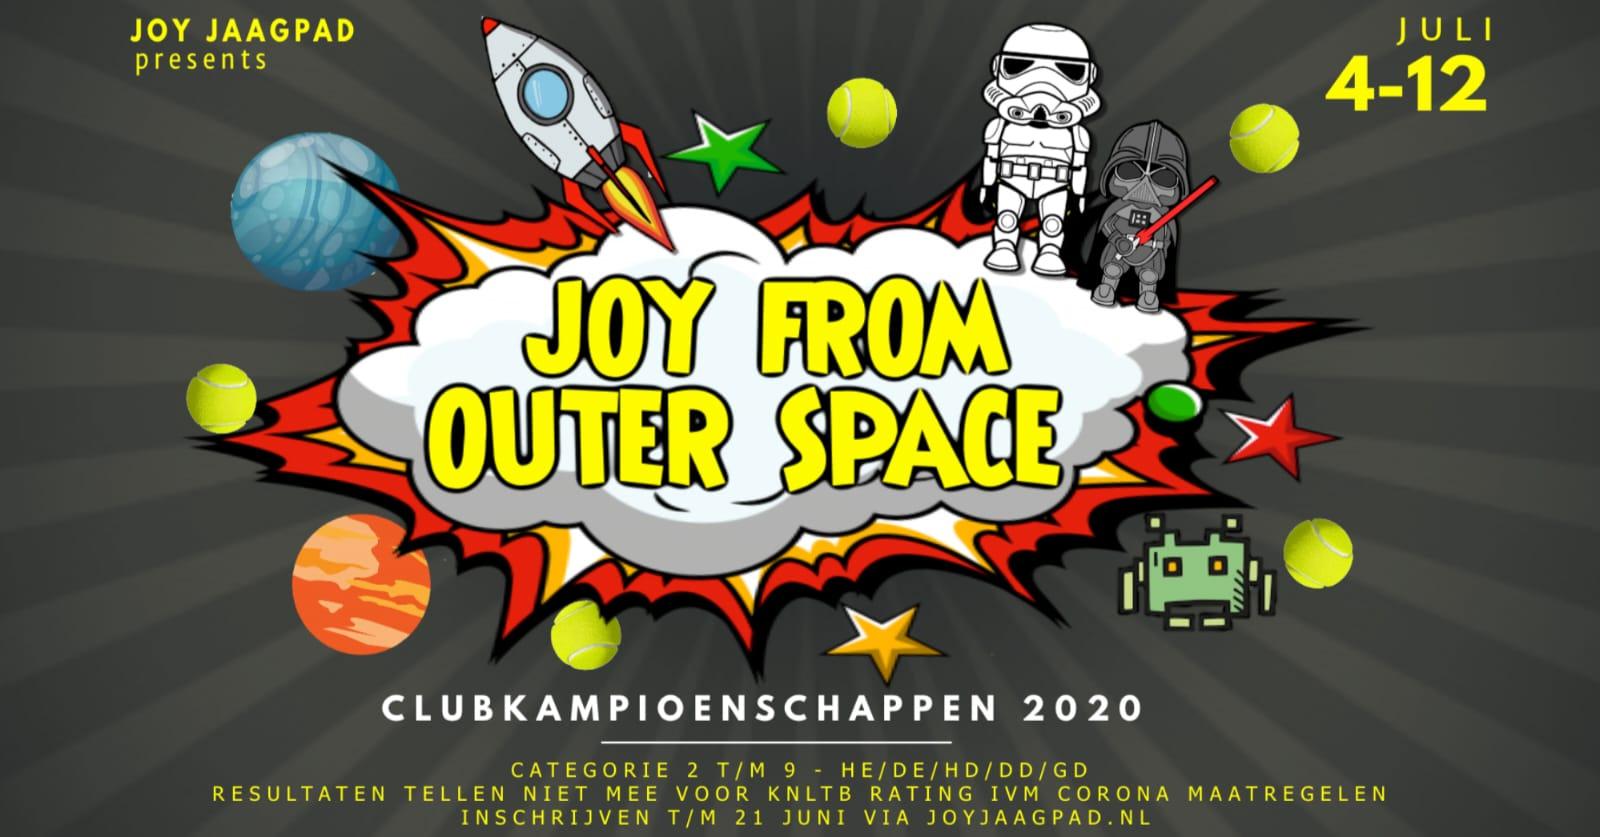 Joy Clubkampioenschappen 2020